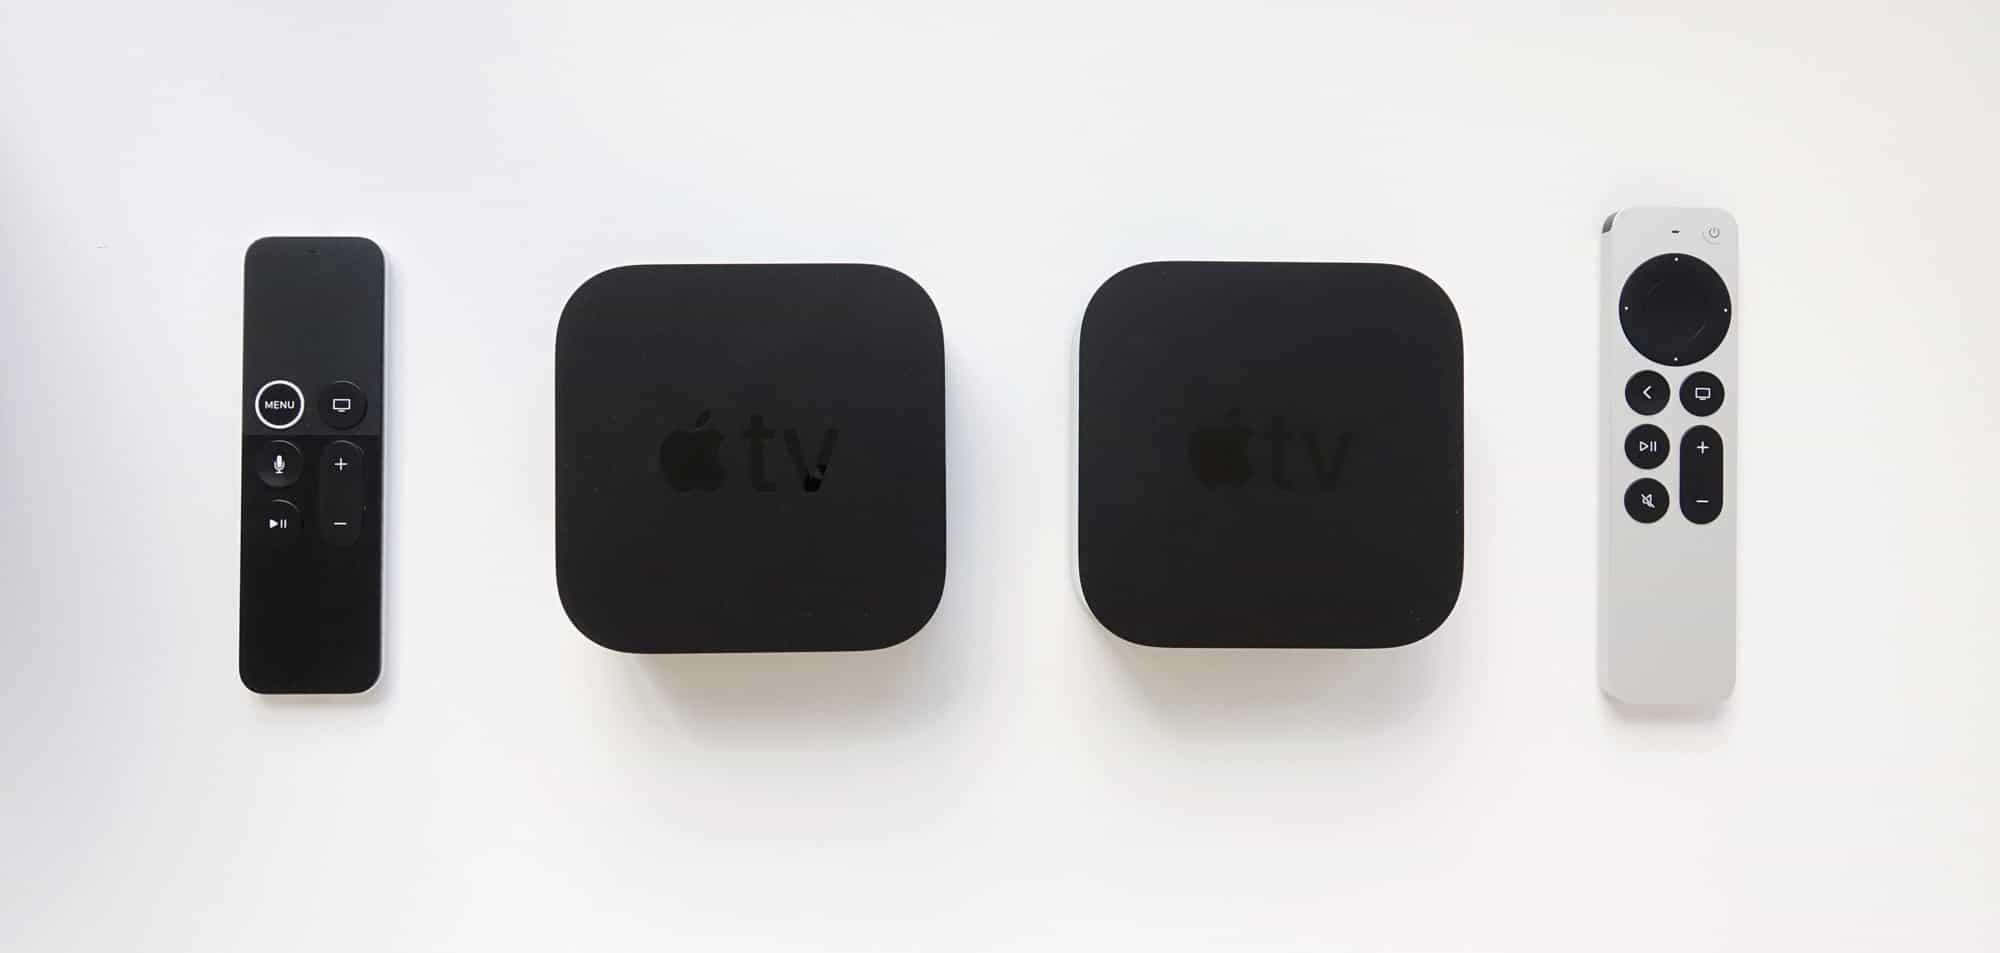 2017 Apple TV 4K (left) vs 2021 Apple TV 4K